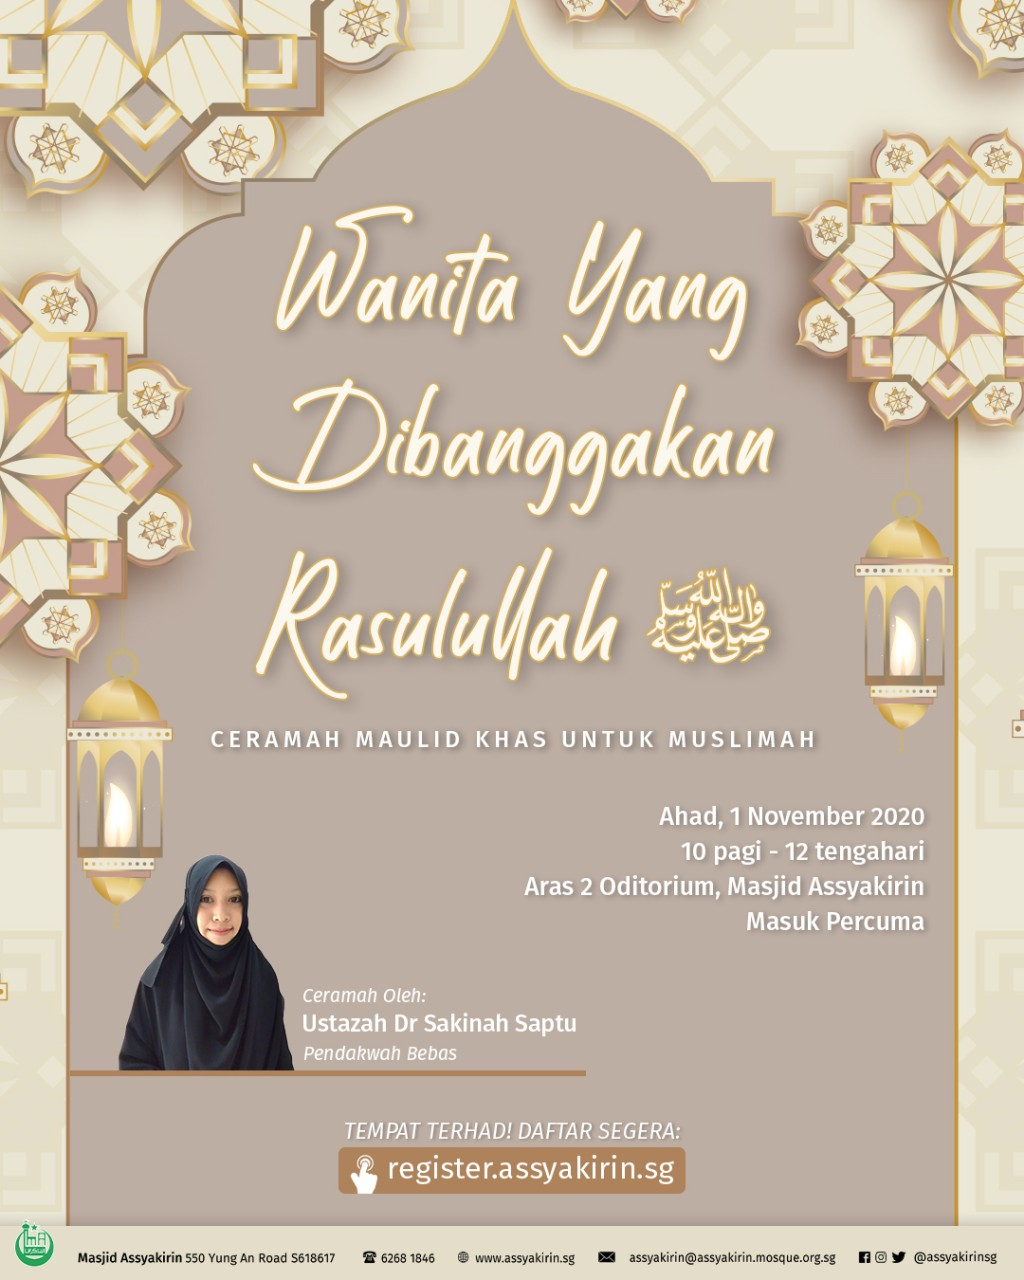 Ceramah Maulid Khas Untuk Muslimah: Wanita Yang Dibanggakan Rasulullah SAW